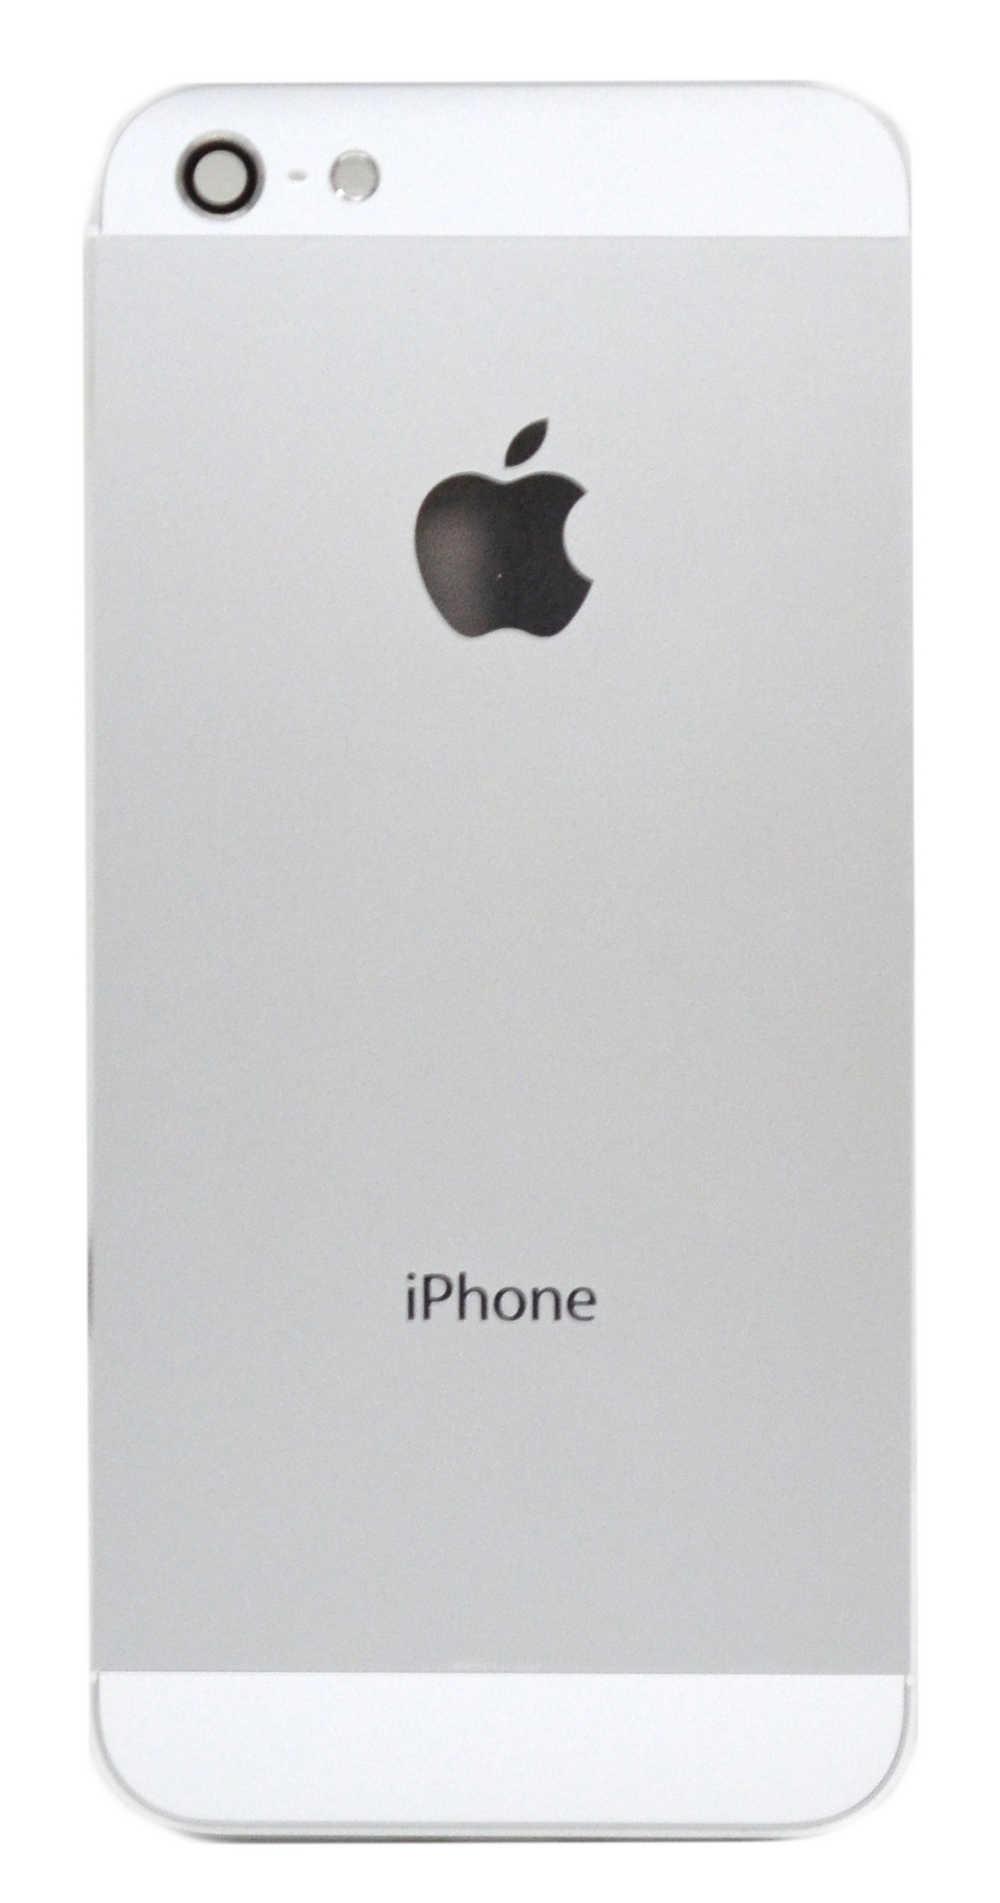 Καπάκι Μπαταρίας Apple iPhone 5 Λευκό με Τζαμάκι Κάμερας, Θύρα SIM και Εξωτερικά Πλήκτρα OEM Type A